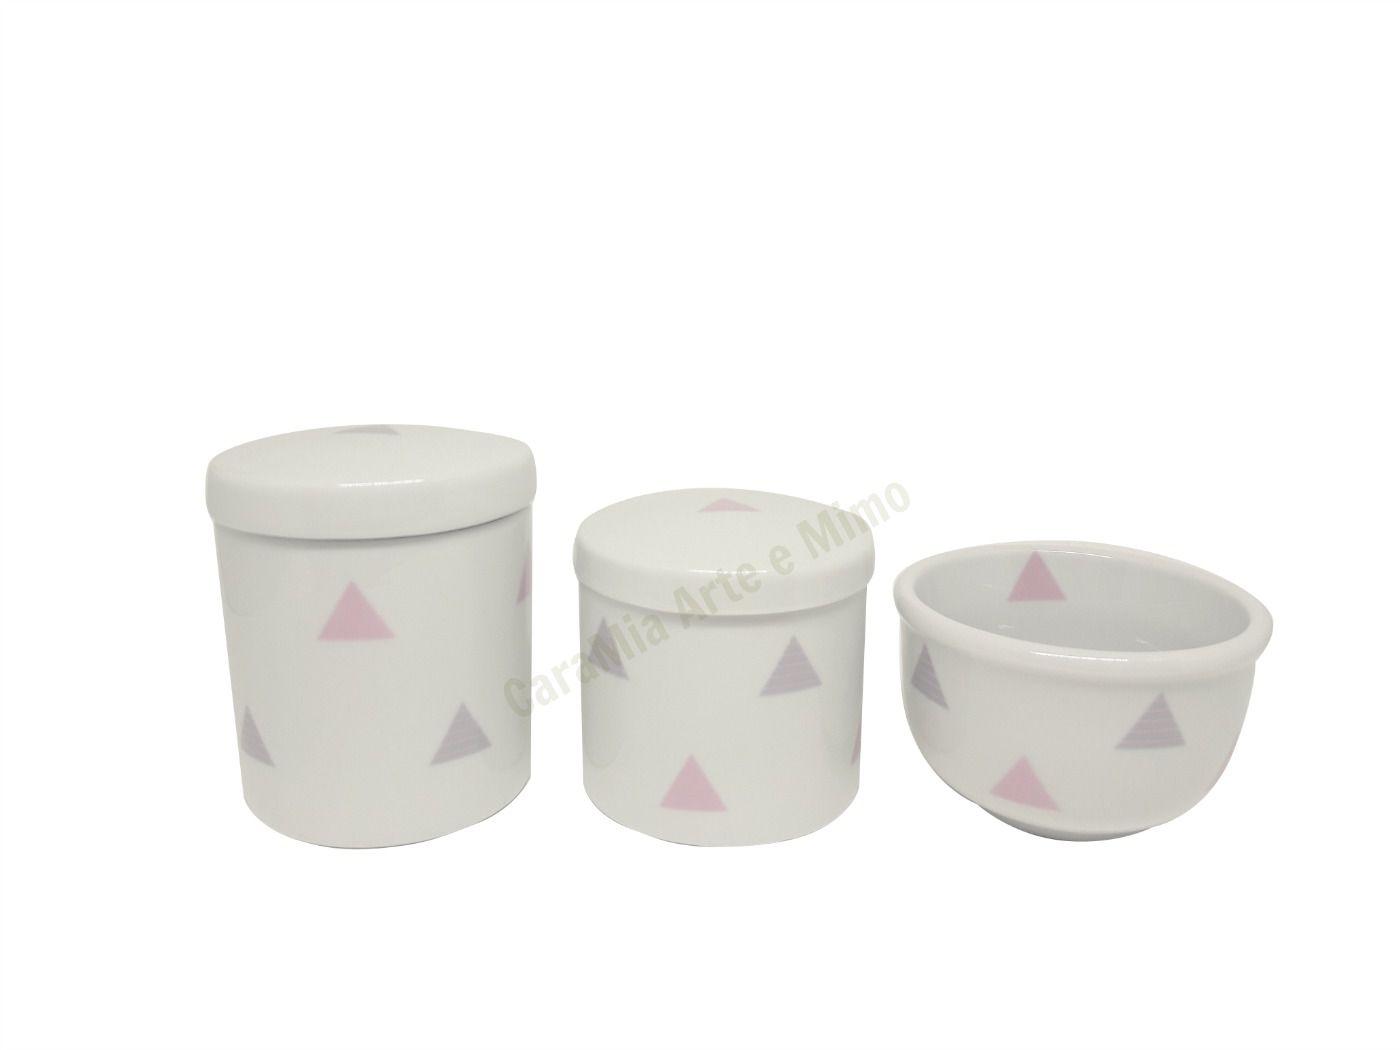 Kit Higiene Bebê Porcelana Bandeirinhas Rosas e Cinzas & Triângulos |Geométrico |